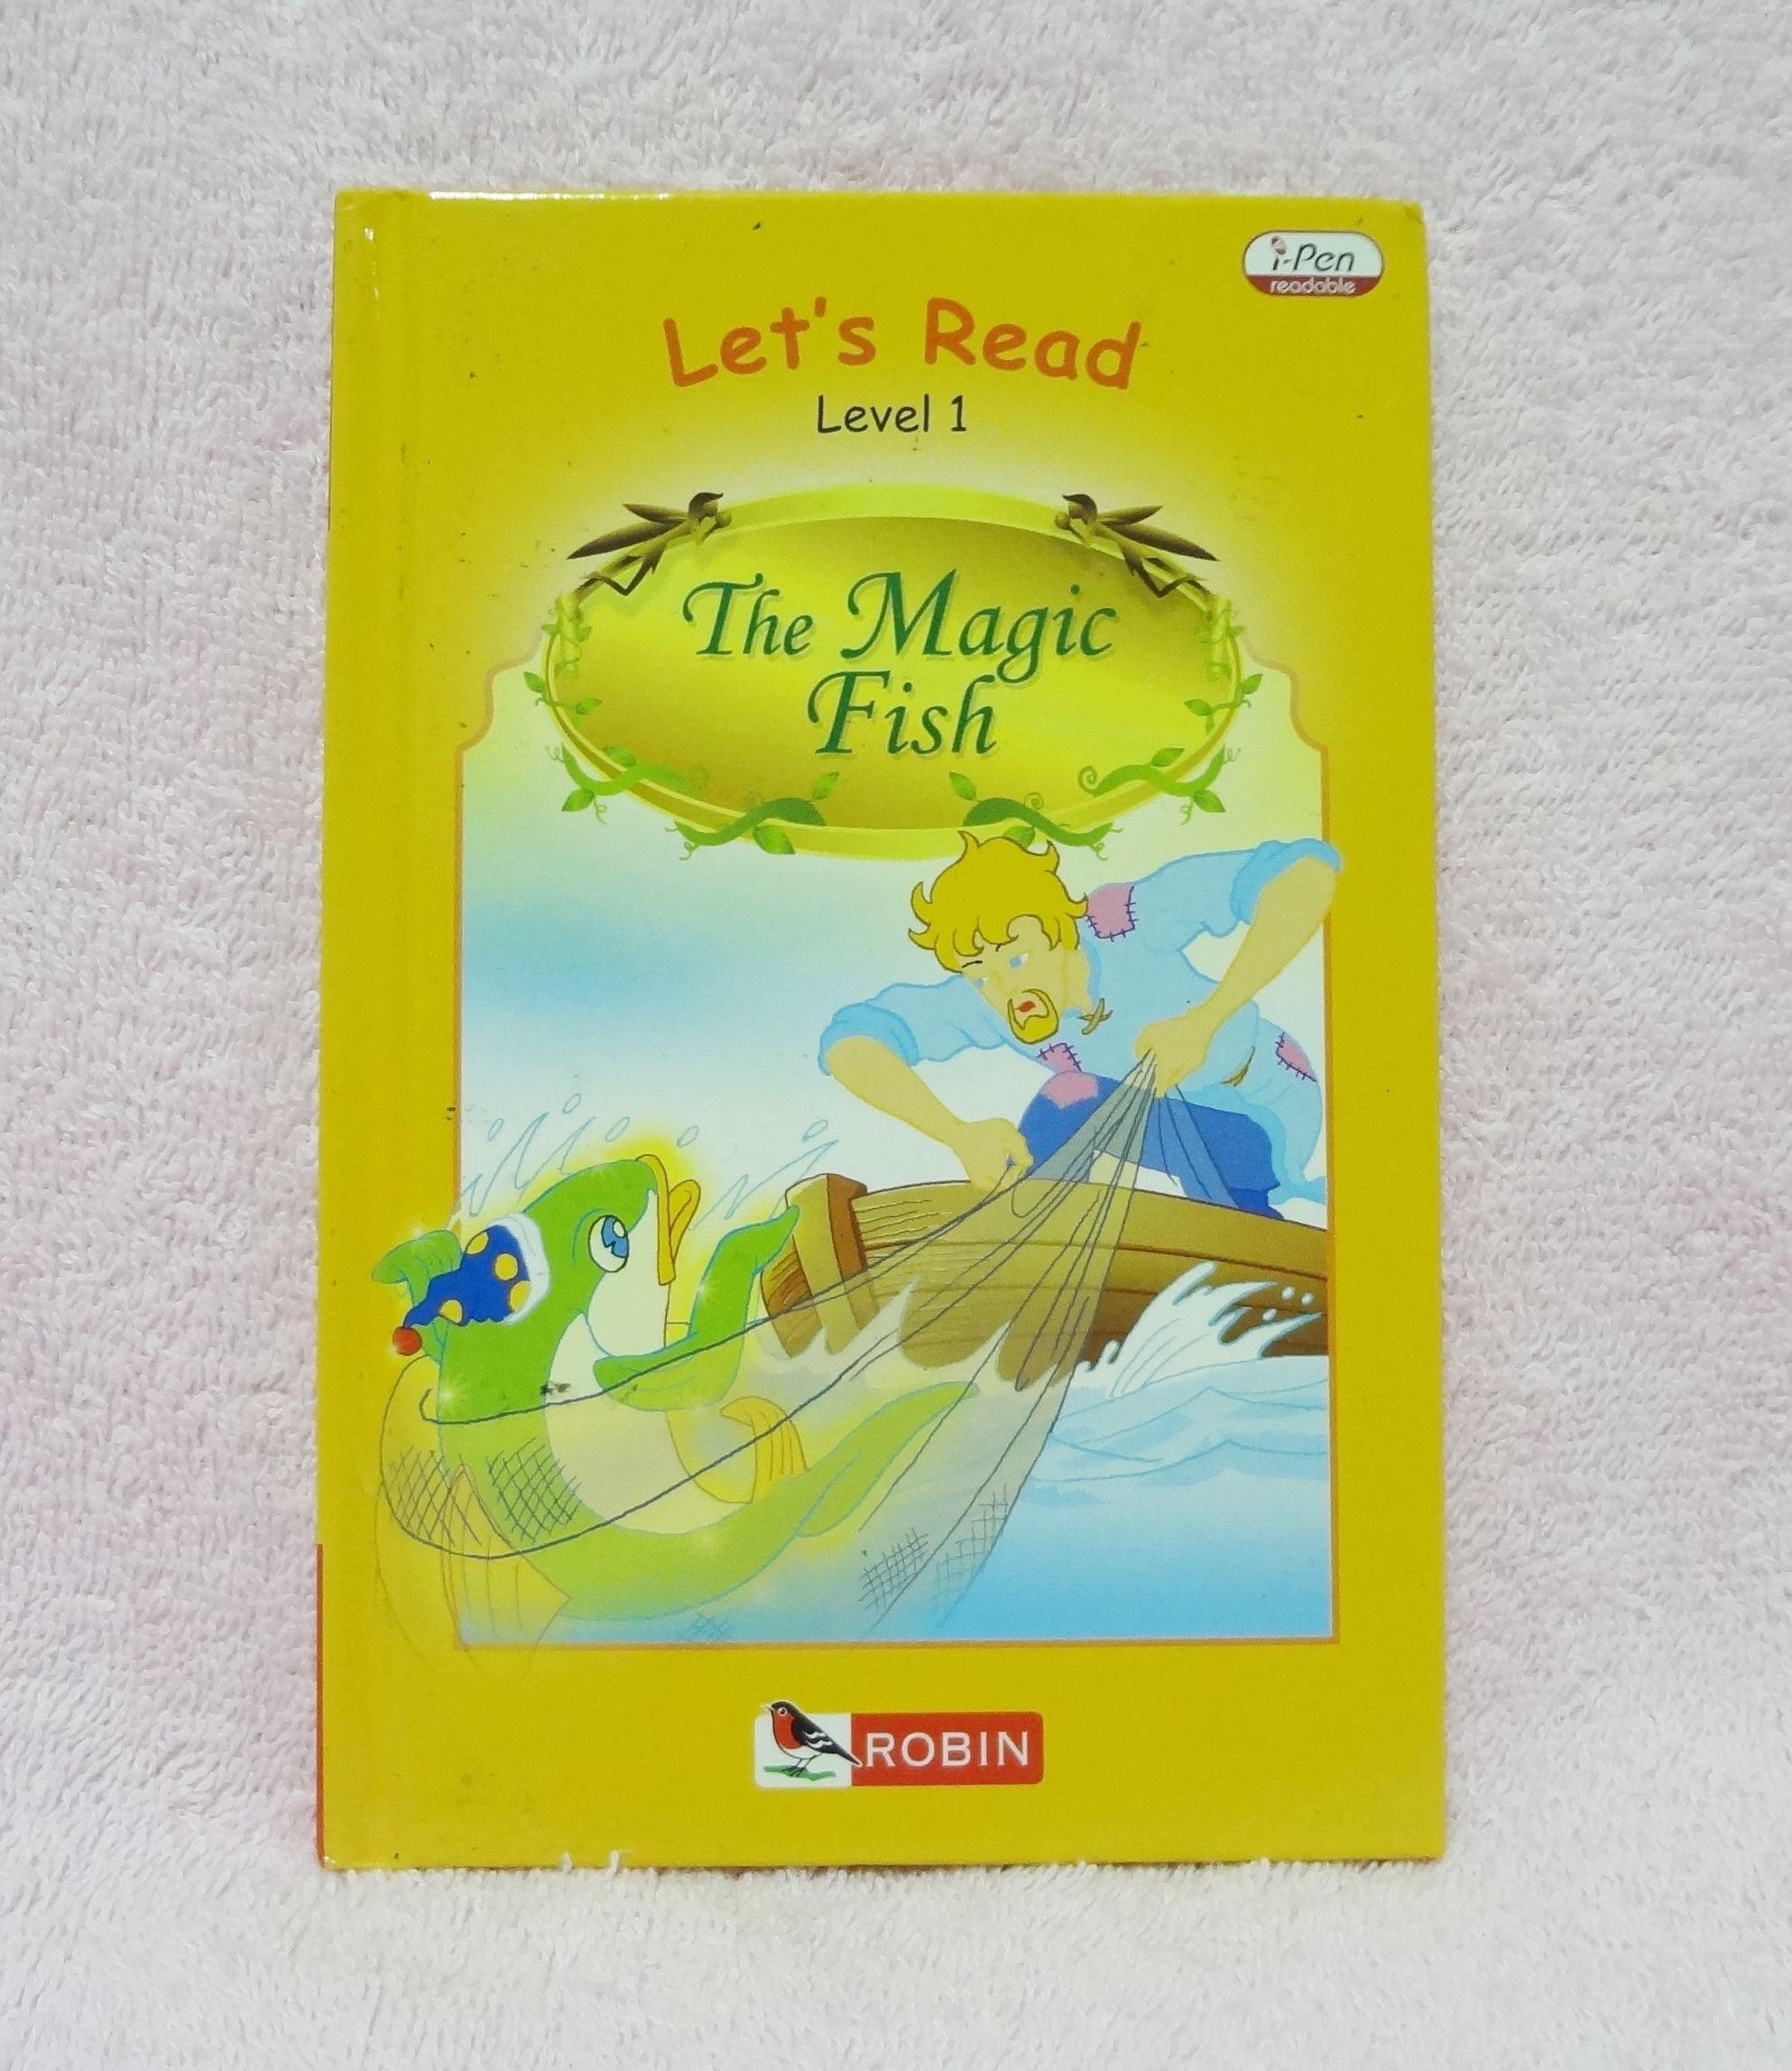 หนังสือนิทานเรื่อง The Magic Fish ของ Robin